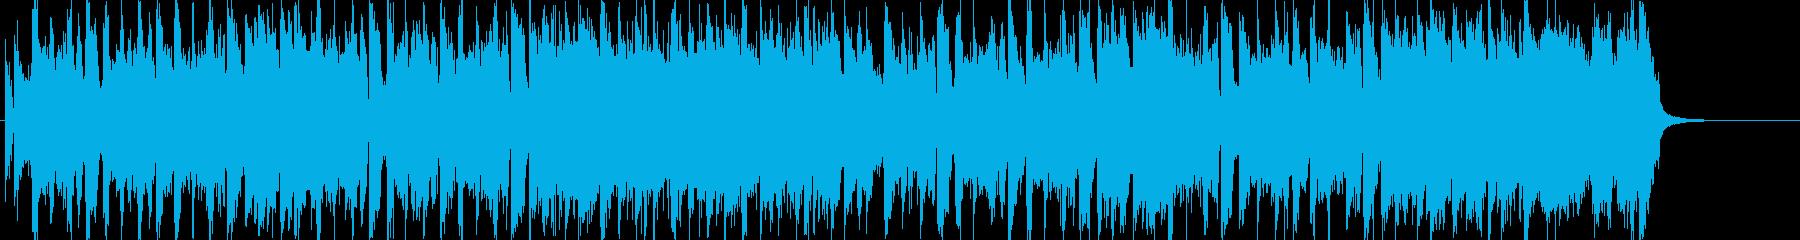 「男」を感じる躍動的なワイルドロックの再生済みの波形